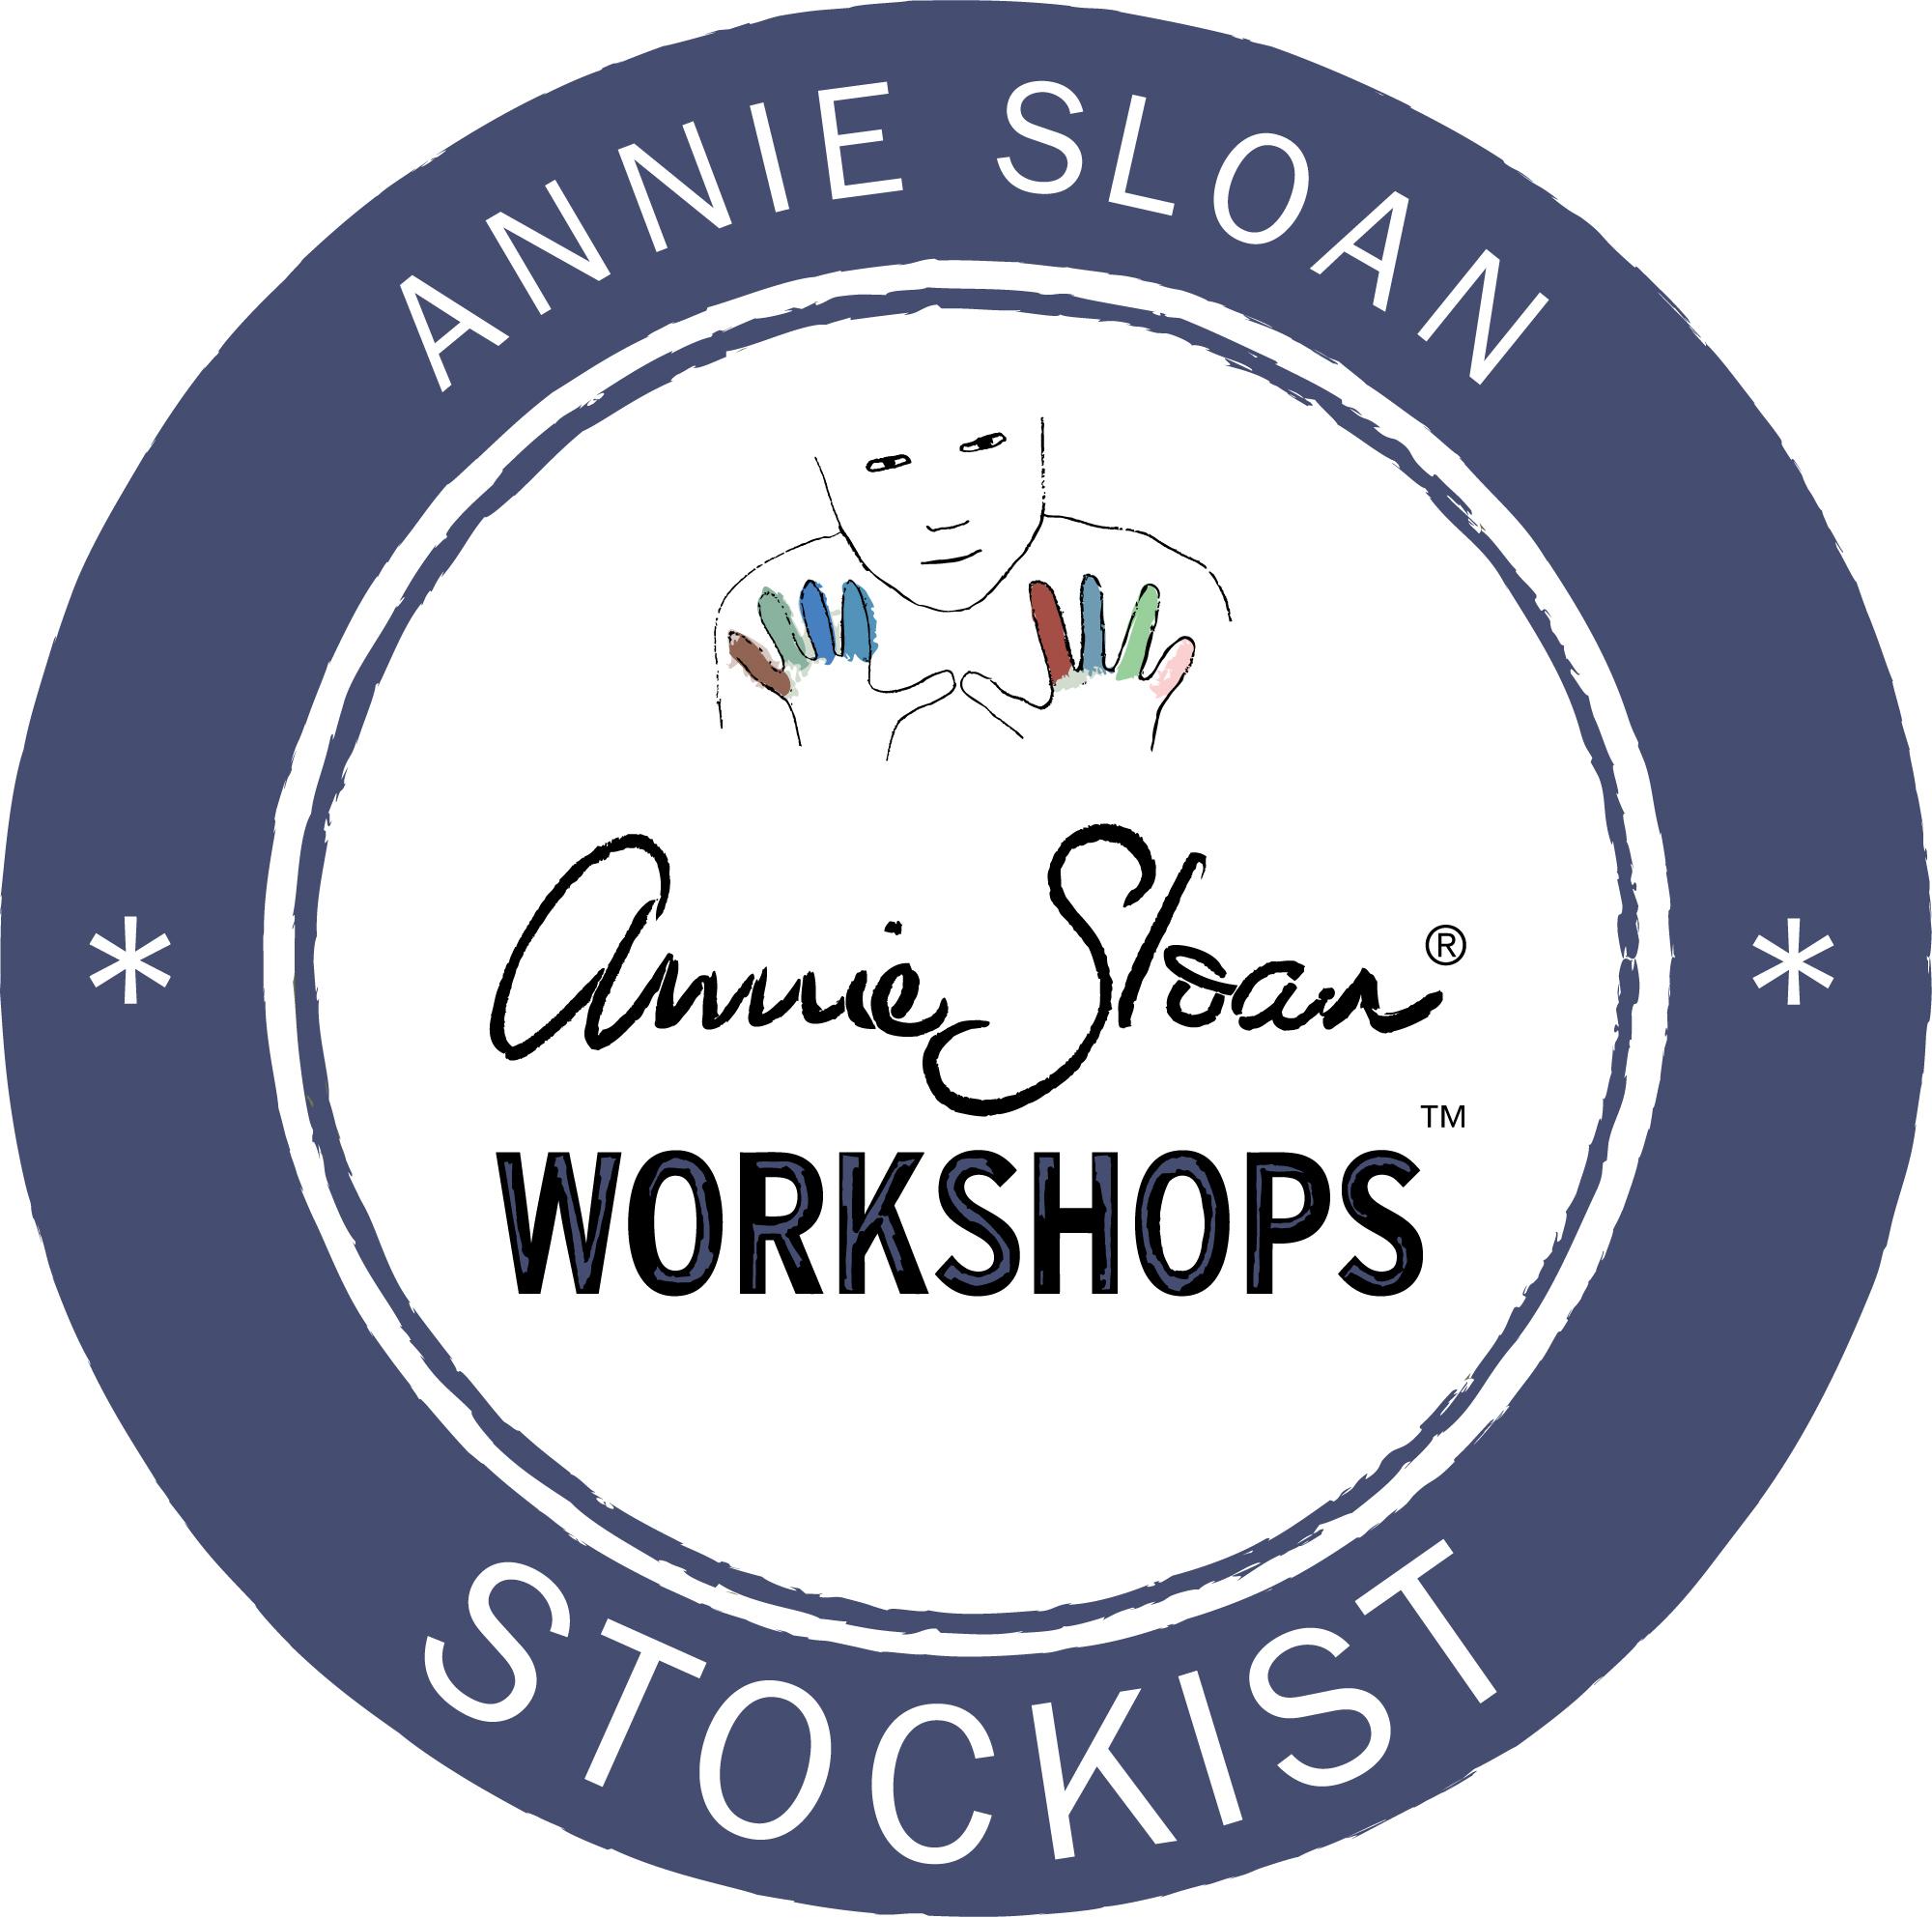 Annie Sloan - Stockist logos - Workshops - Old Violet.jpg